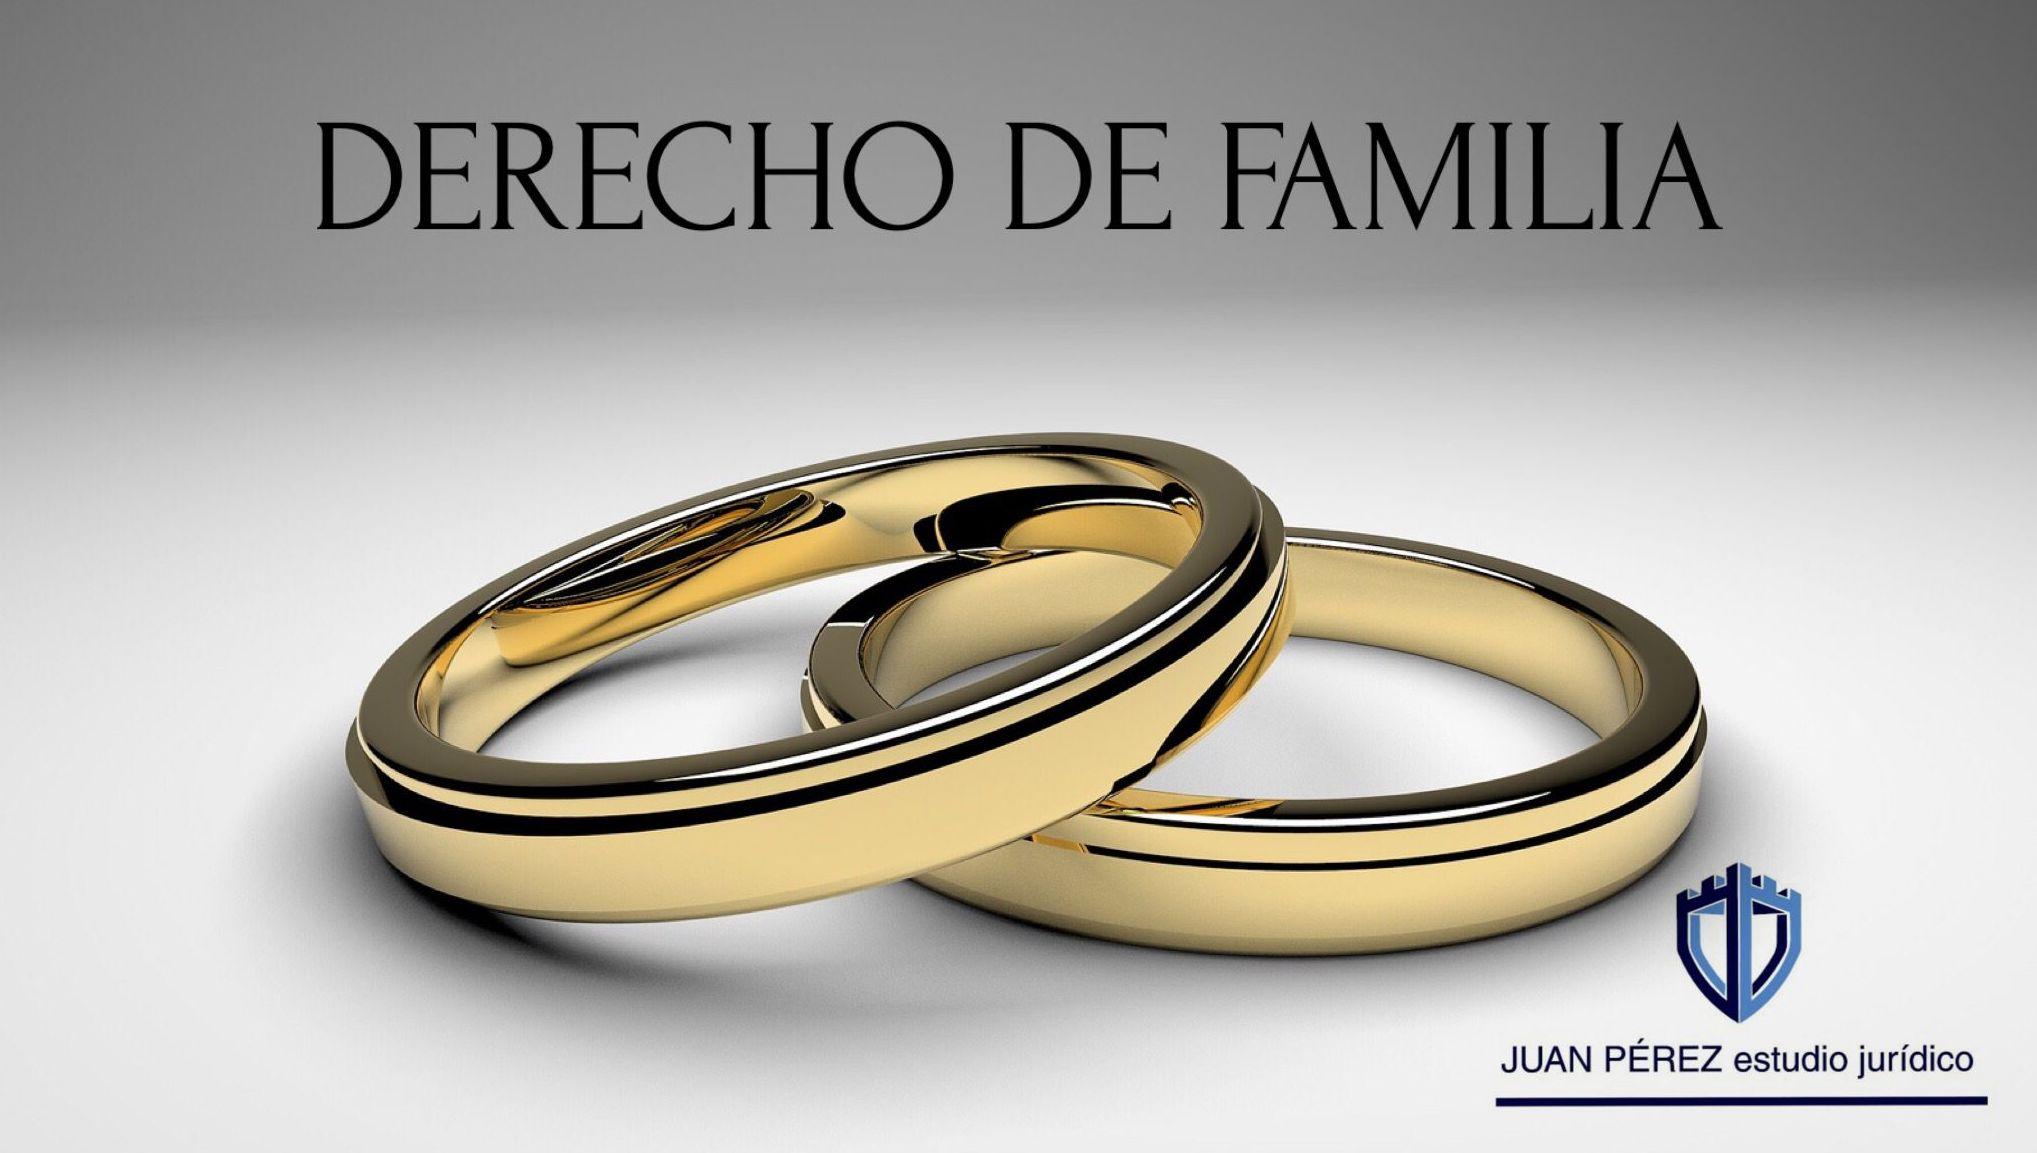 Derecho de familia: Servicios de Juan Pérez - Estudio Jurídico